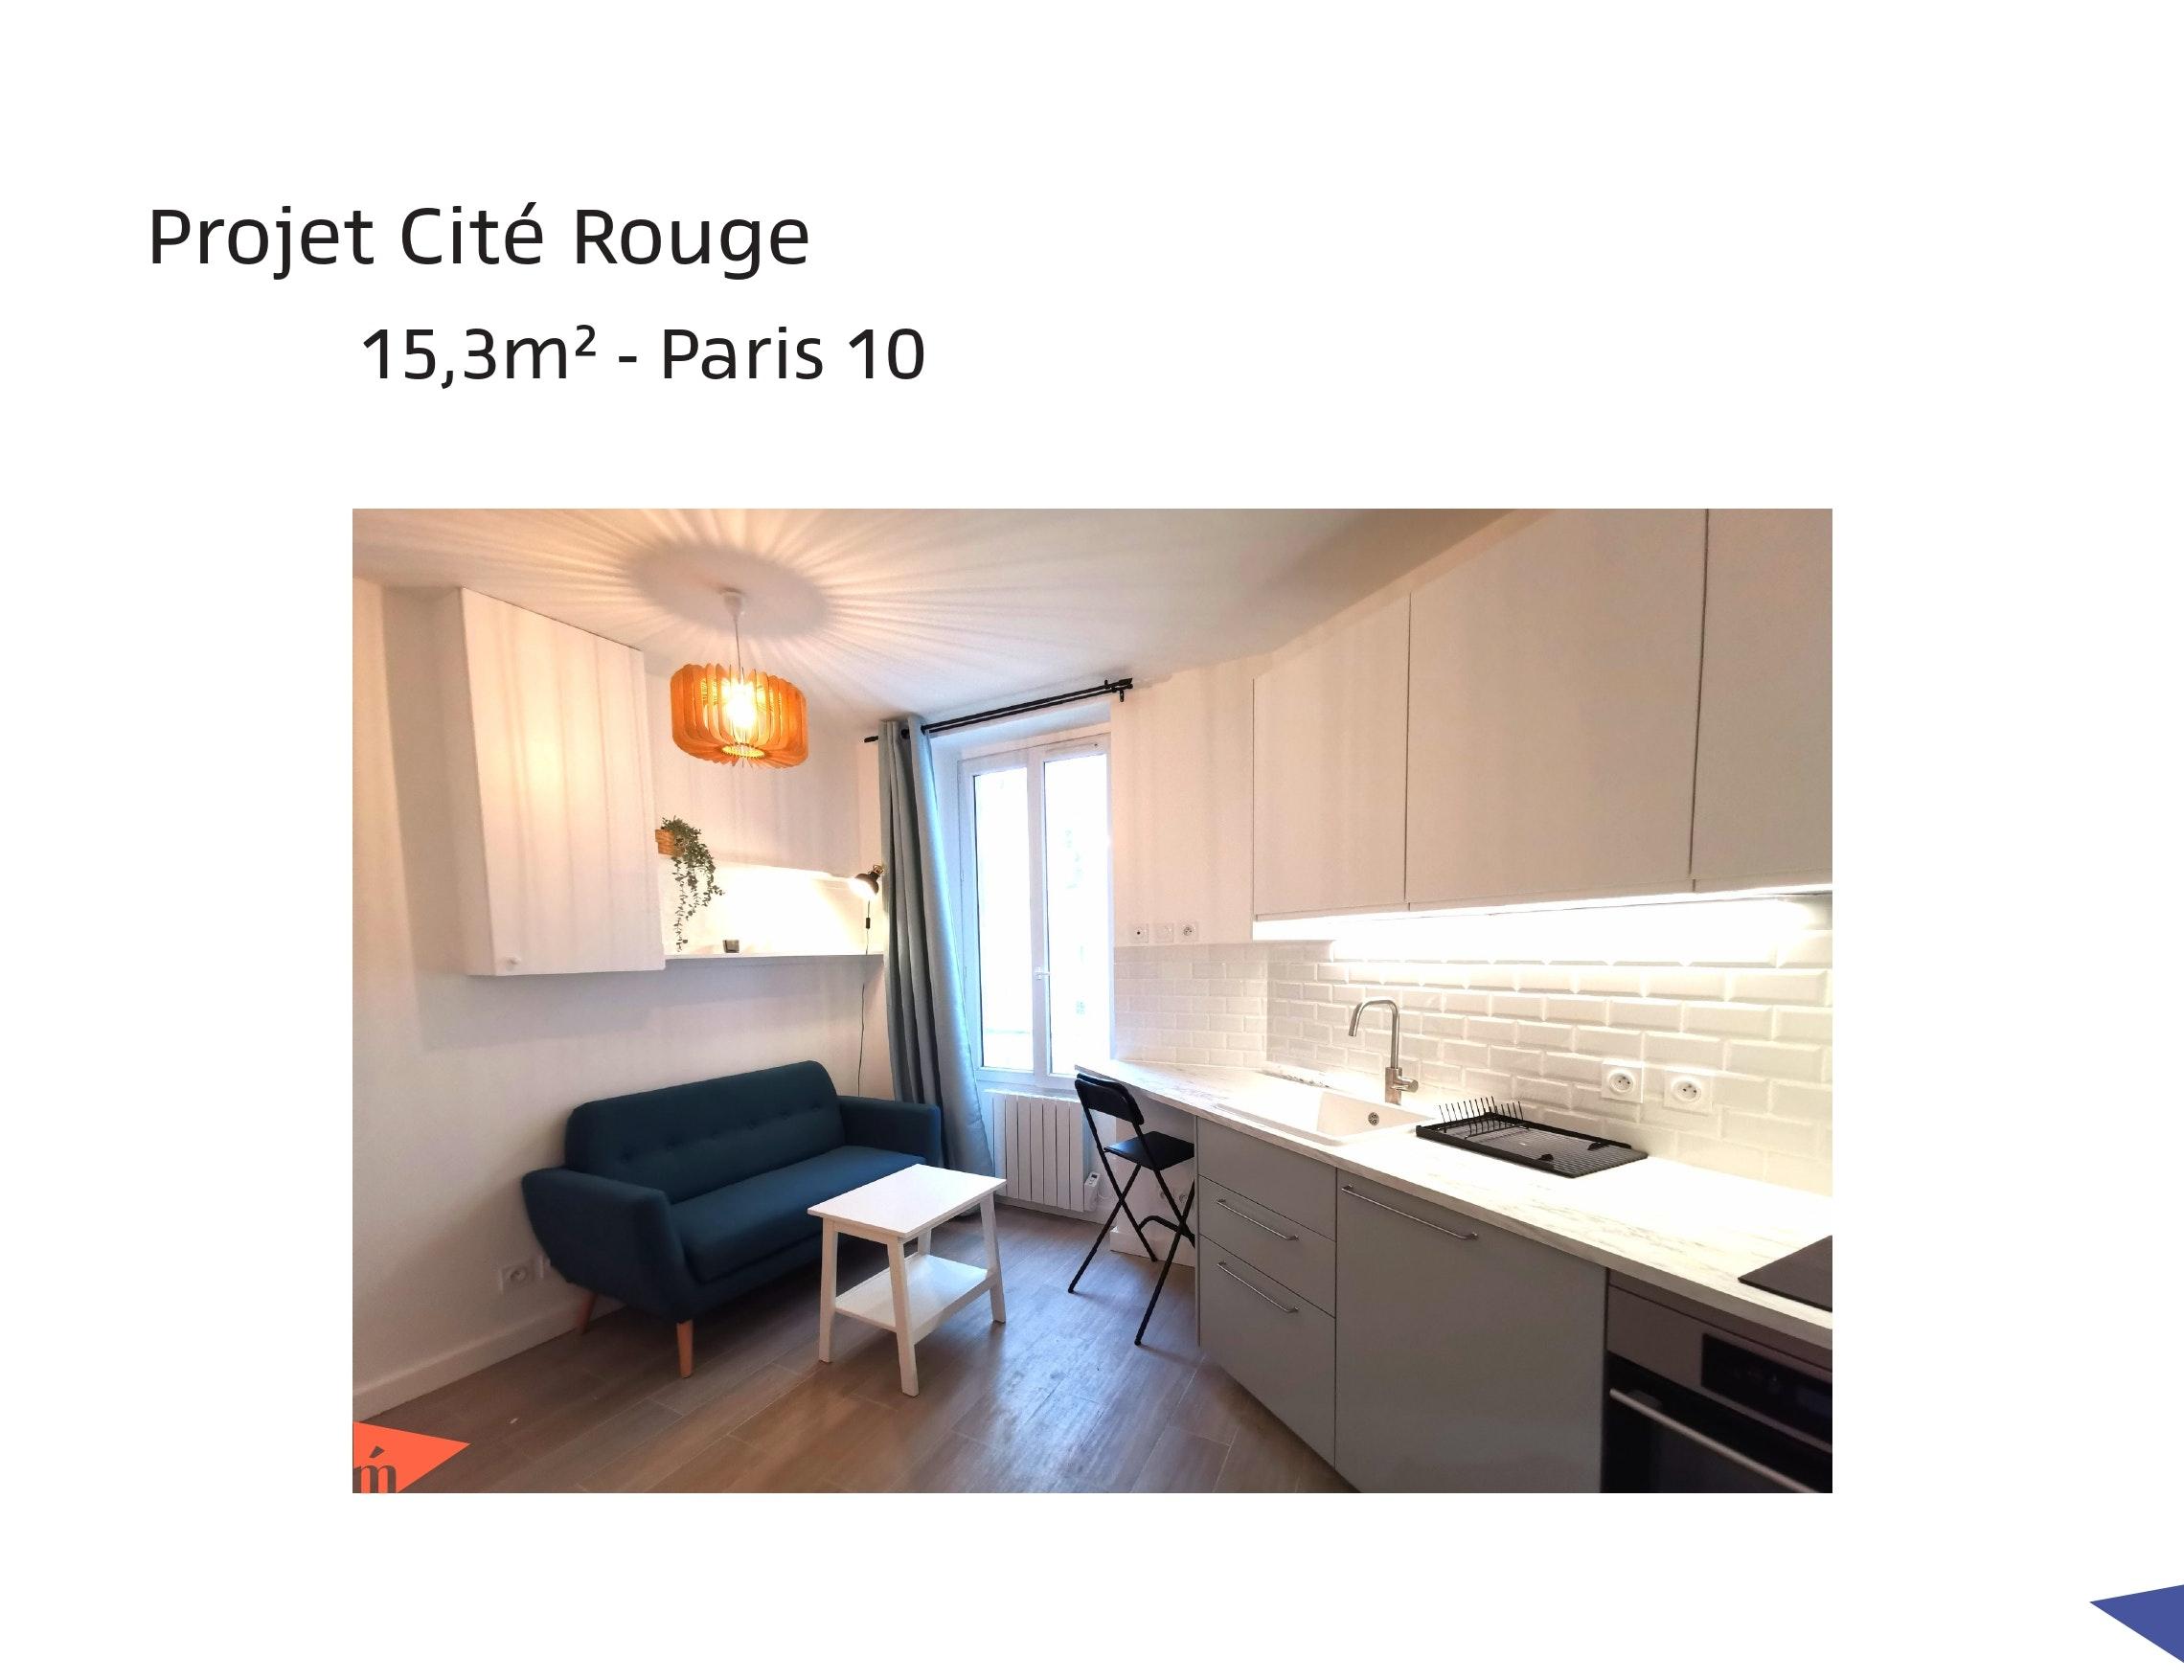 photo Projet Cité Rouge - Studio 15,3m² - Paris 10 Léa Mast - Architecte hemea